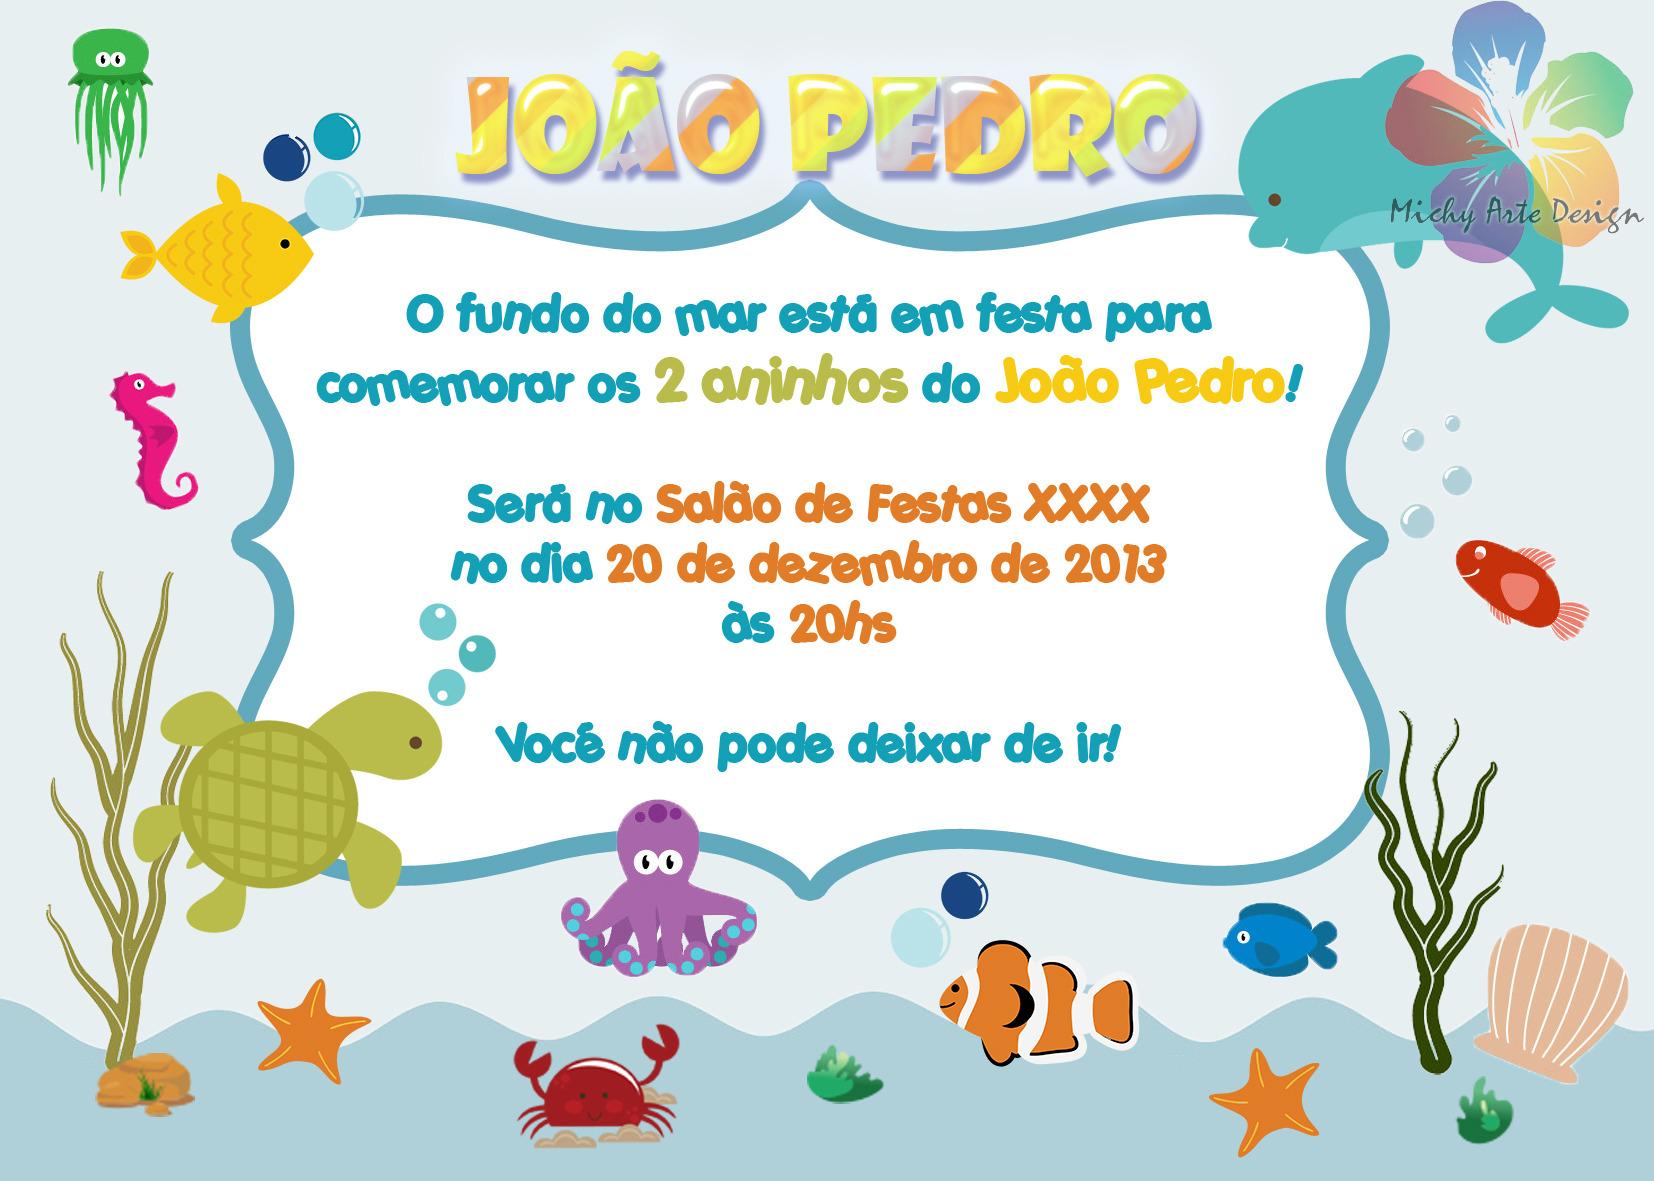 Convite Fundo Do Mar No Elo7 Michy Arte Design 38a532